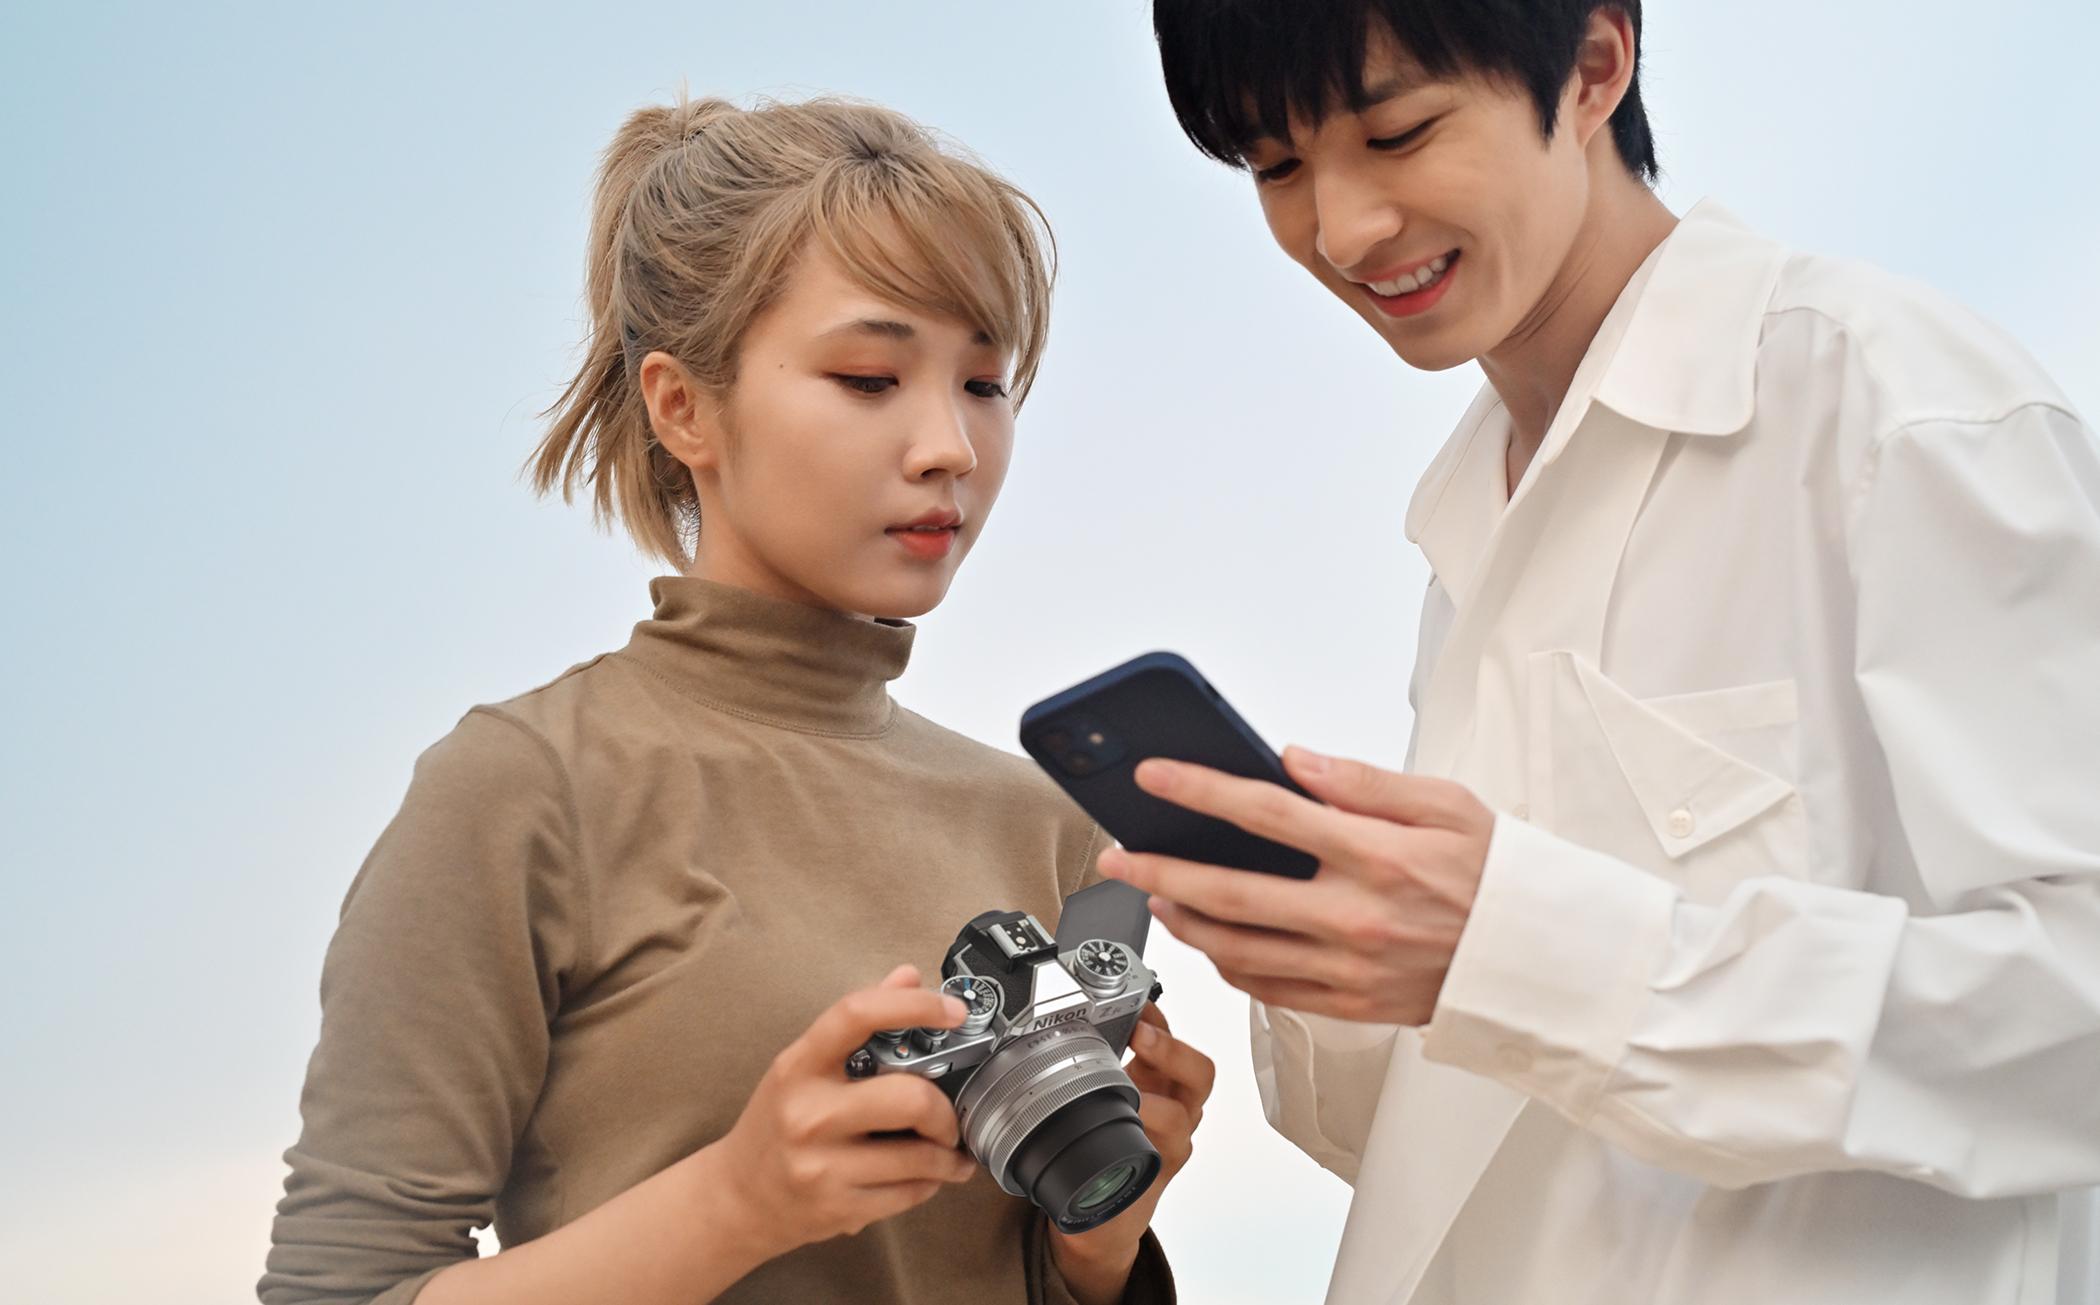 拍攝、連線、分享 上傳至社群輕鬆便捷